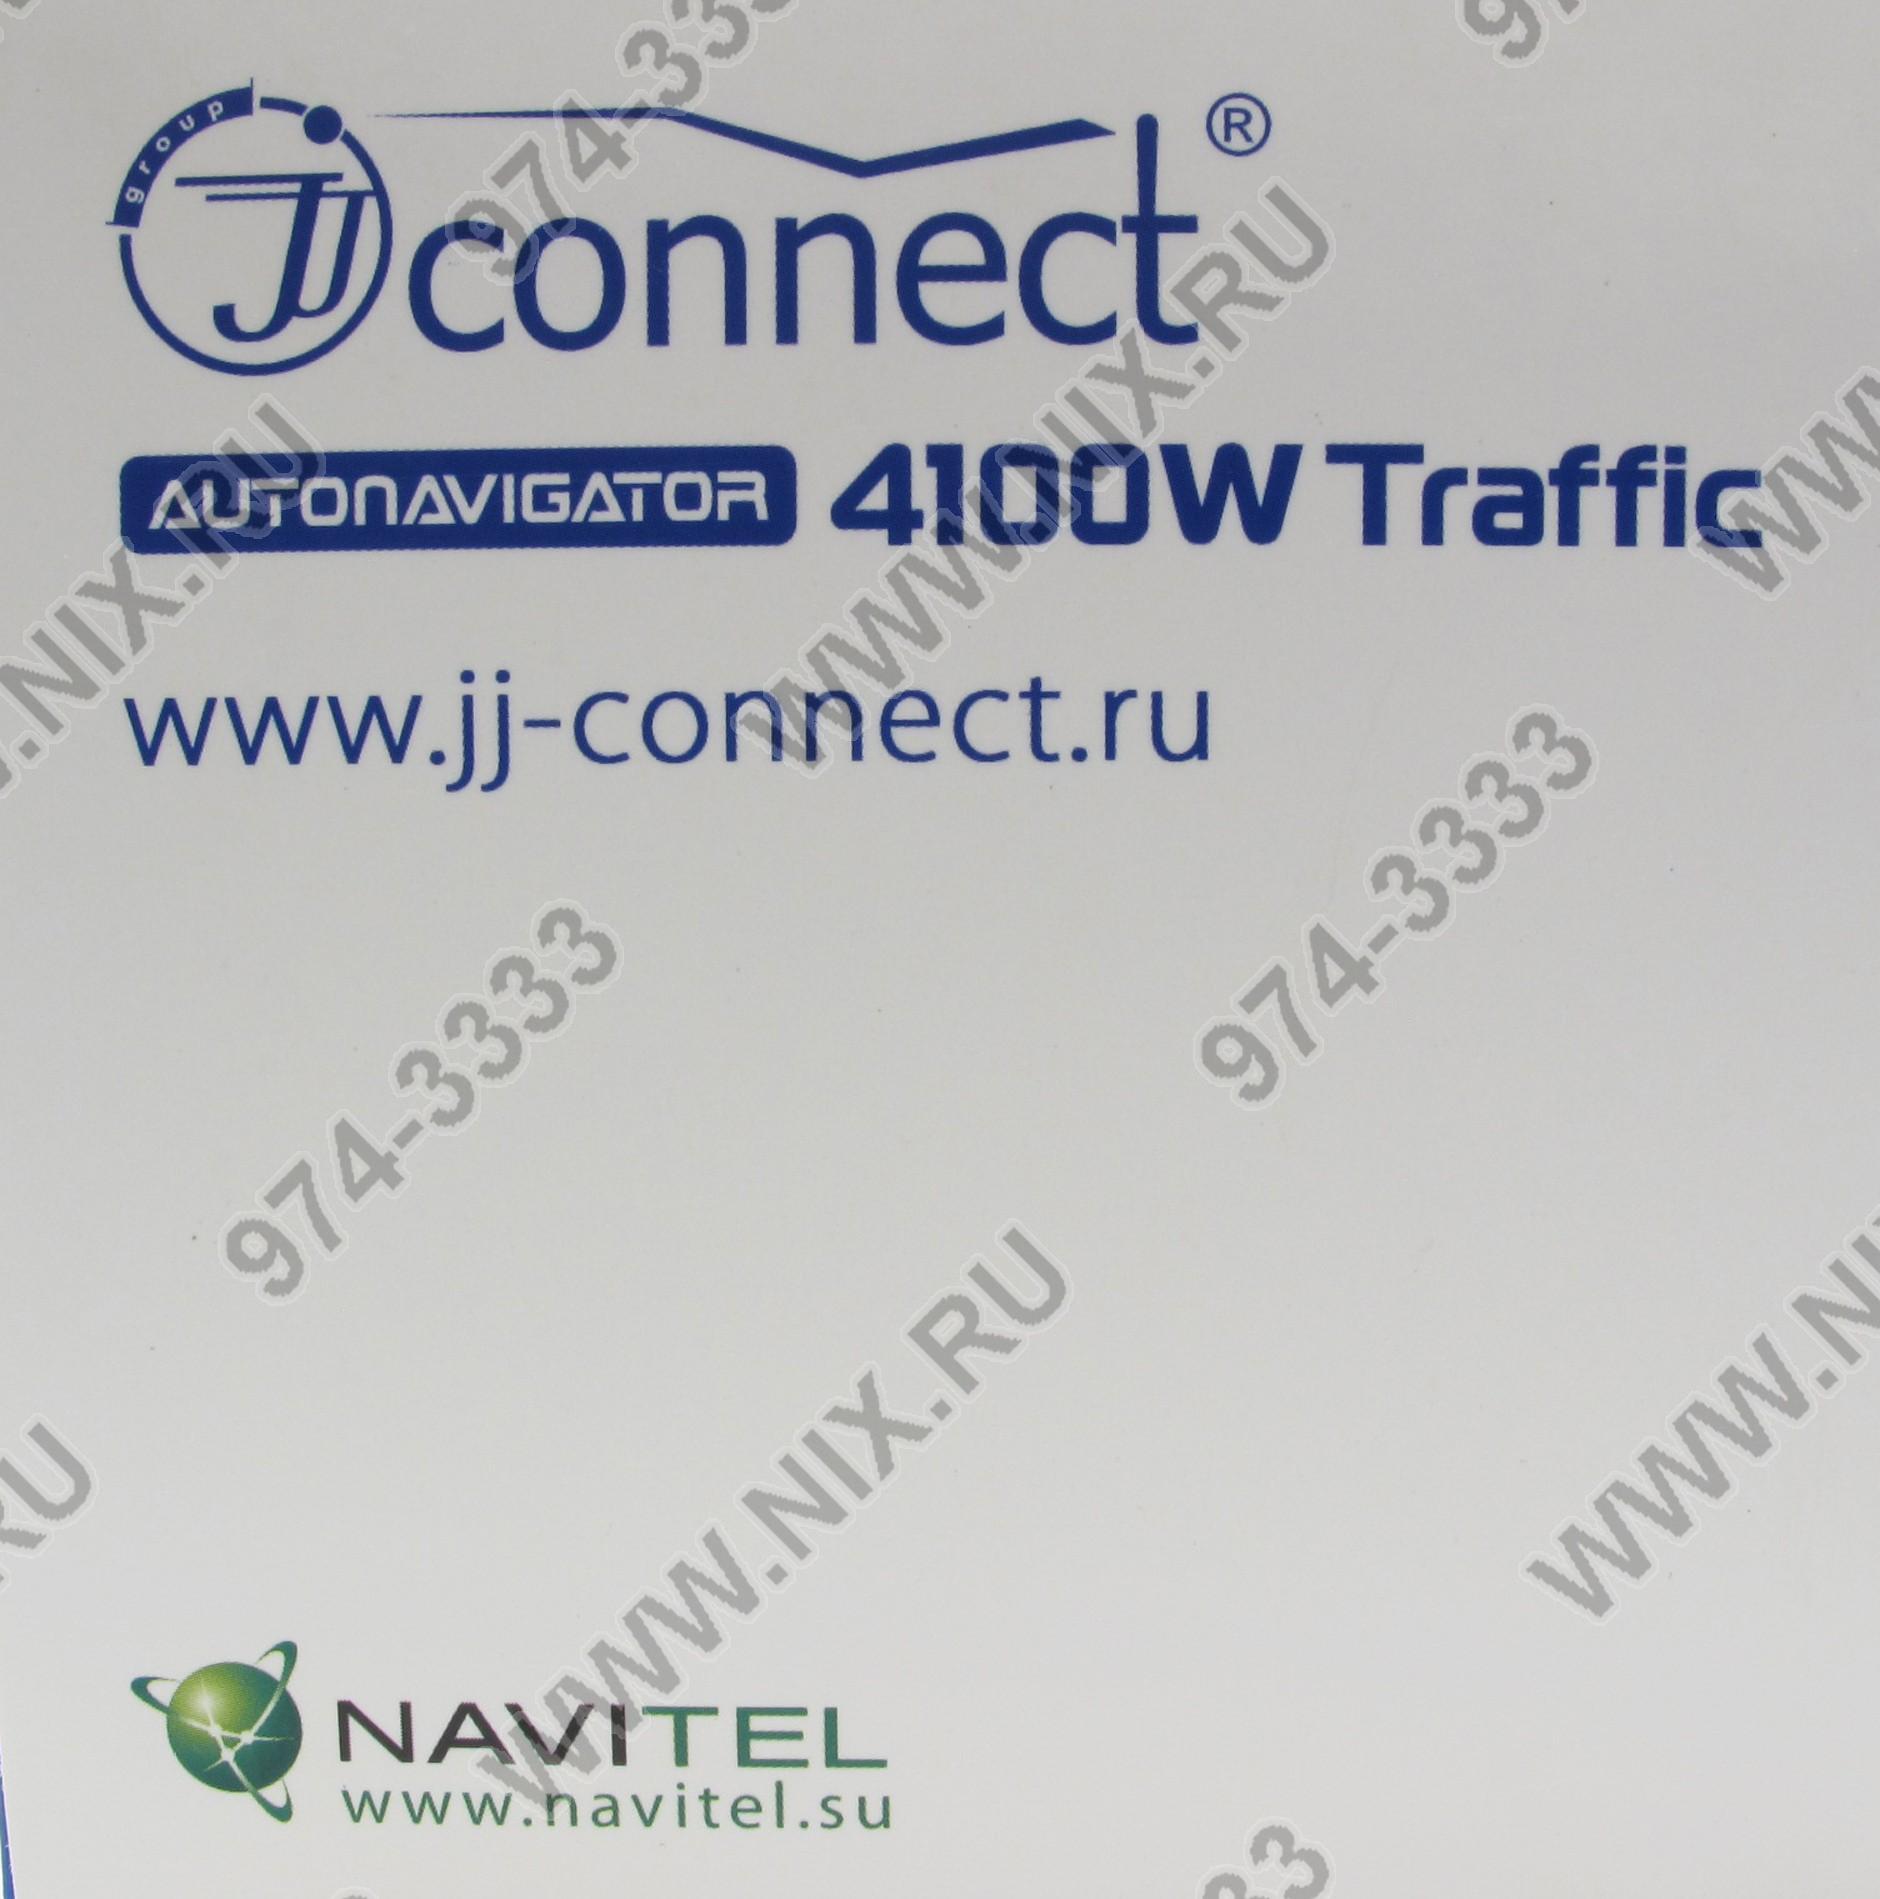 Прошивка навигатора своими руками 4100w traffic